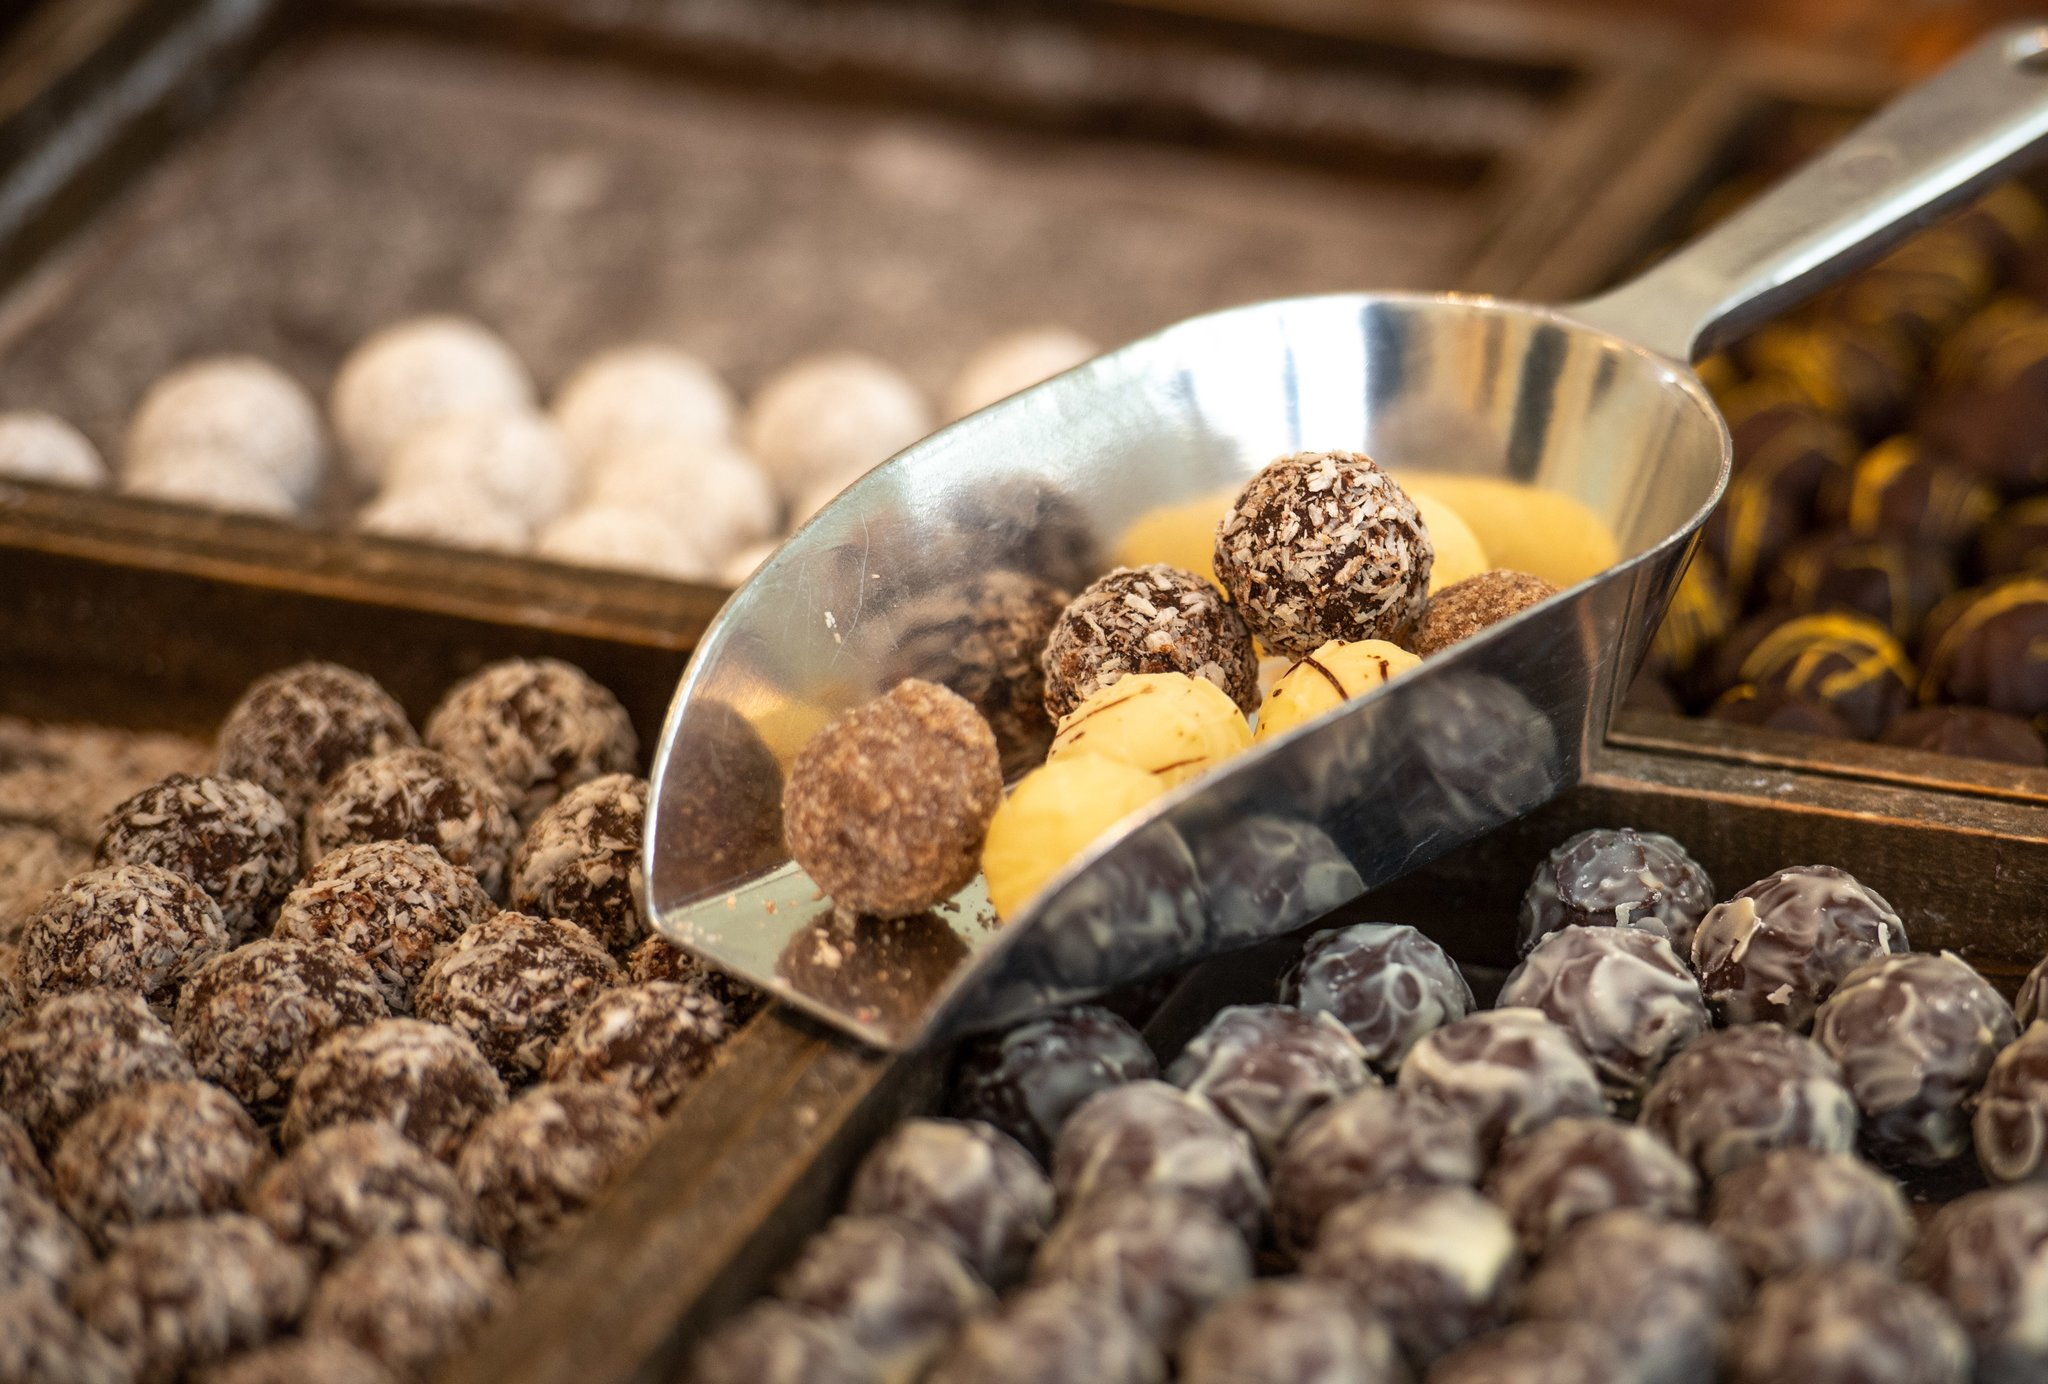 Traume Aus Schokolade Tobias Schulte Komponiert